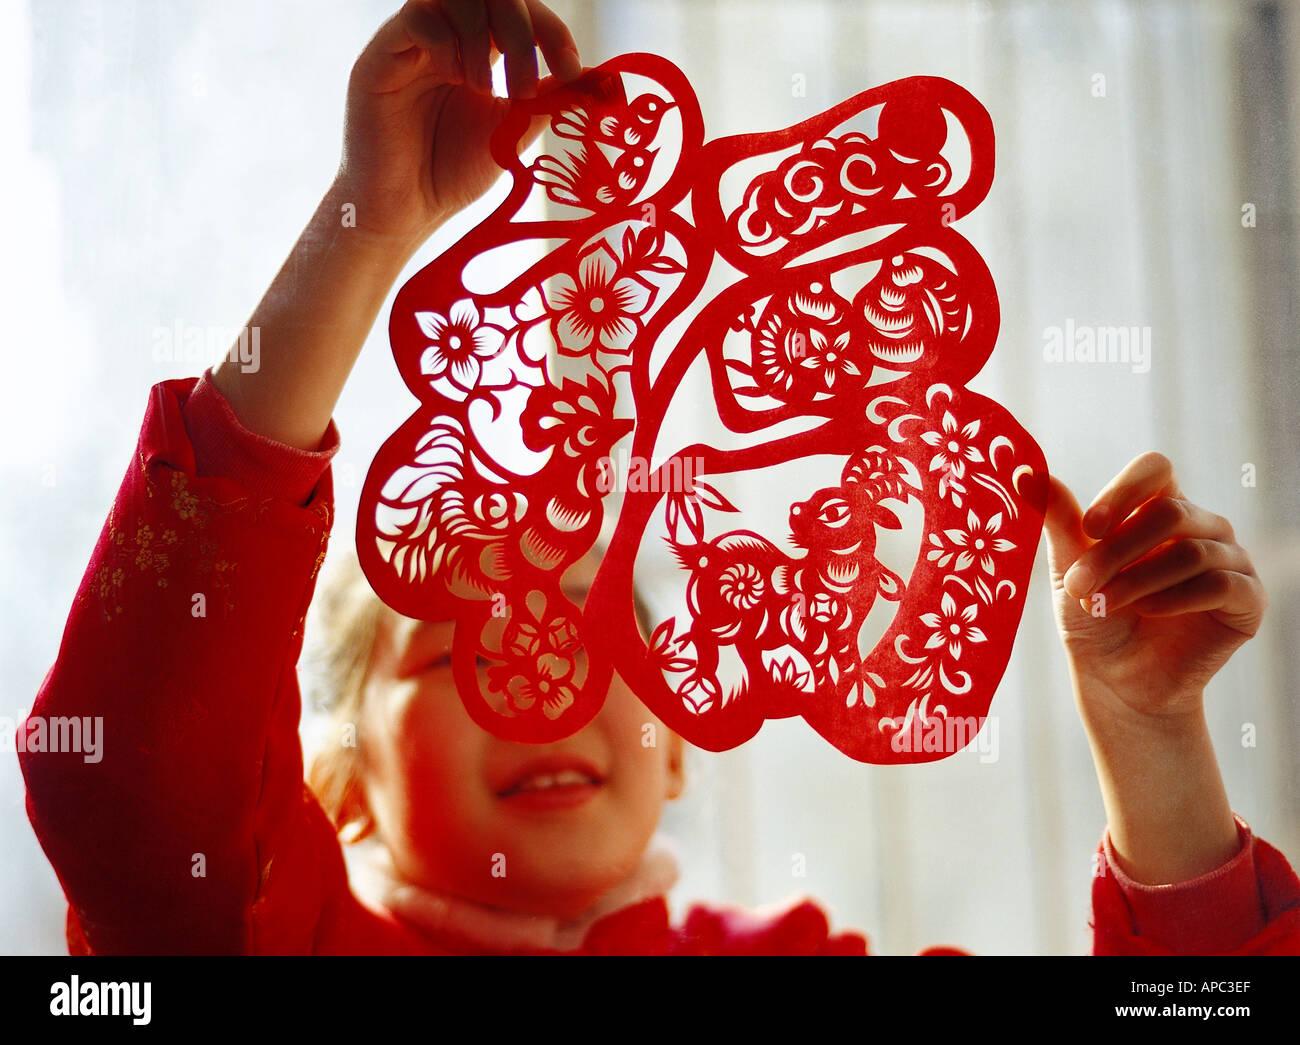 Um Chinês 9 menina de dez anos Colando uma janela papel cortado na véspera do ano novo chinês Imagens de Stock